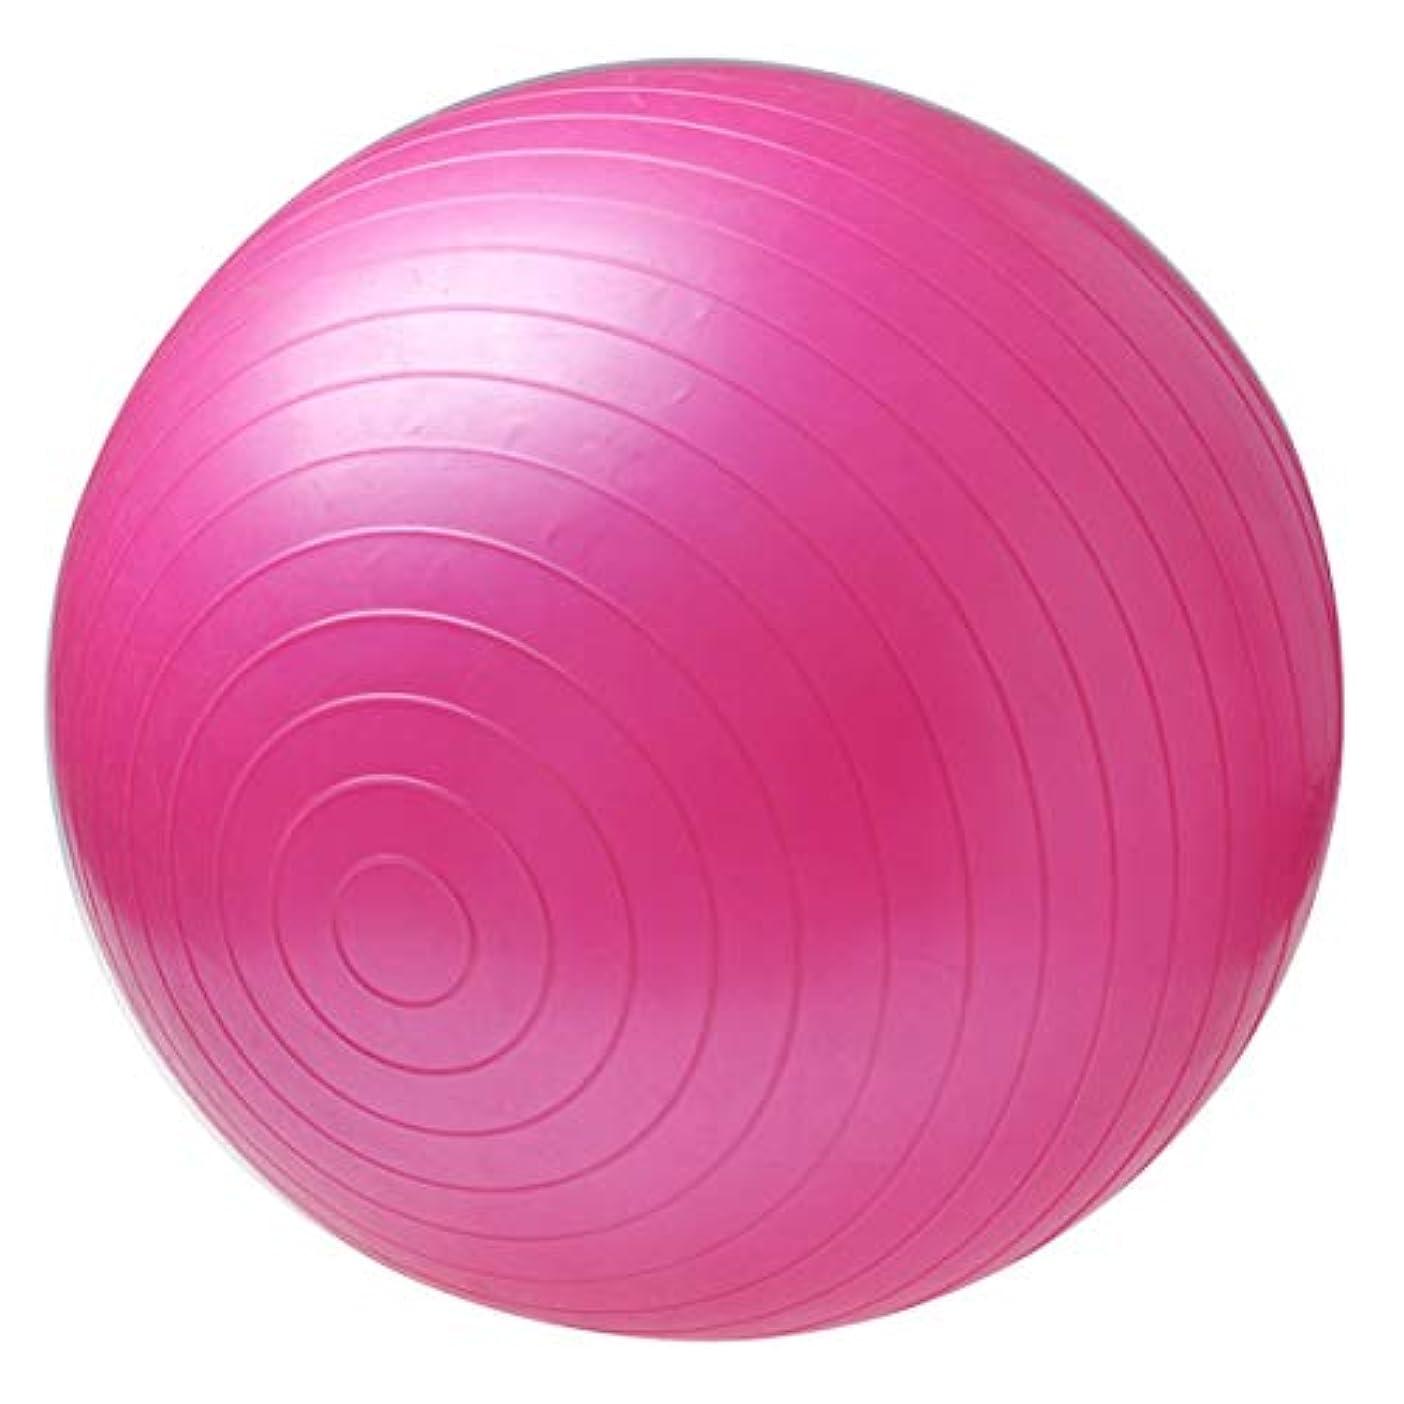 高価な取り替える嫌な非毒性スポーツヨガボールボラピラティスフィットネスジムバランスフィットボールエクササイズピラティスワークアウトマッサージボール - ピンク75センチ